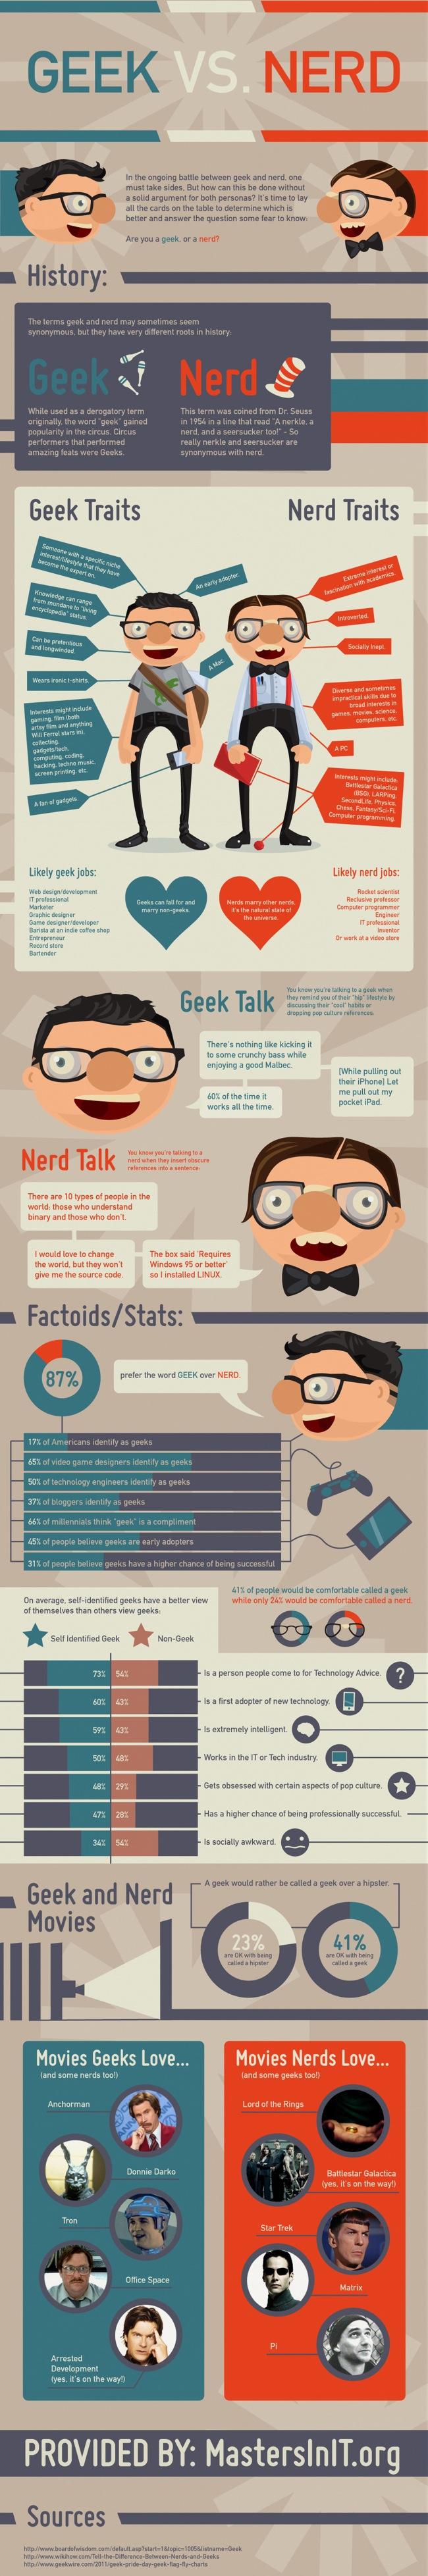 Geek vs. Nerd infographic